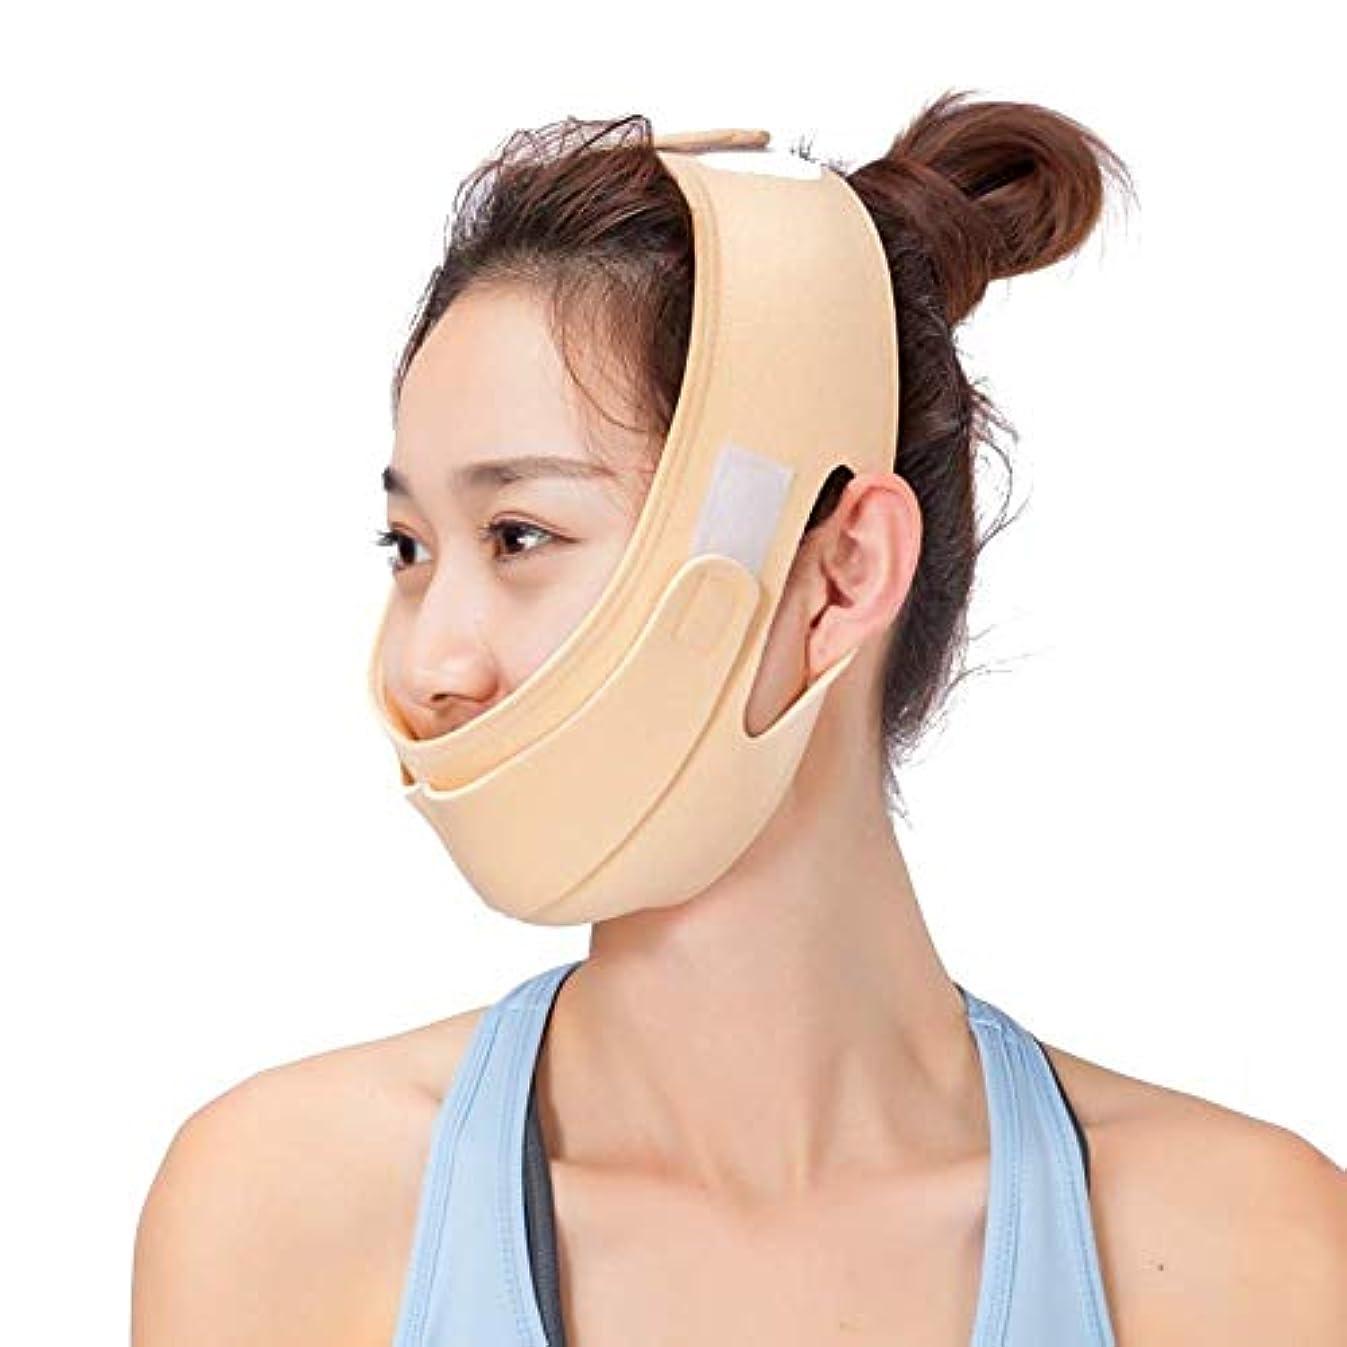 夢ポーン誤解するWSJTT Vフェイスライン包帯スリムチンリフティングフェイシャル?アンチチンストラップのサポートバンドネック包帯顔を引き締め顔の圧縮を持ち上げ